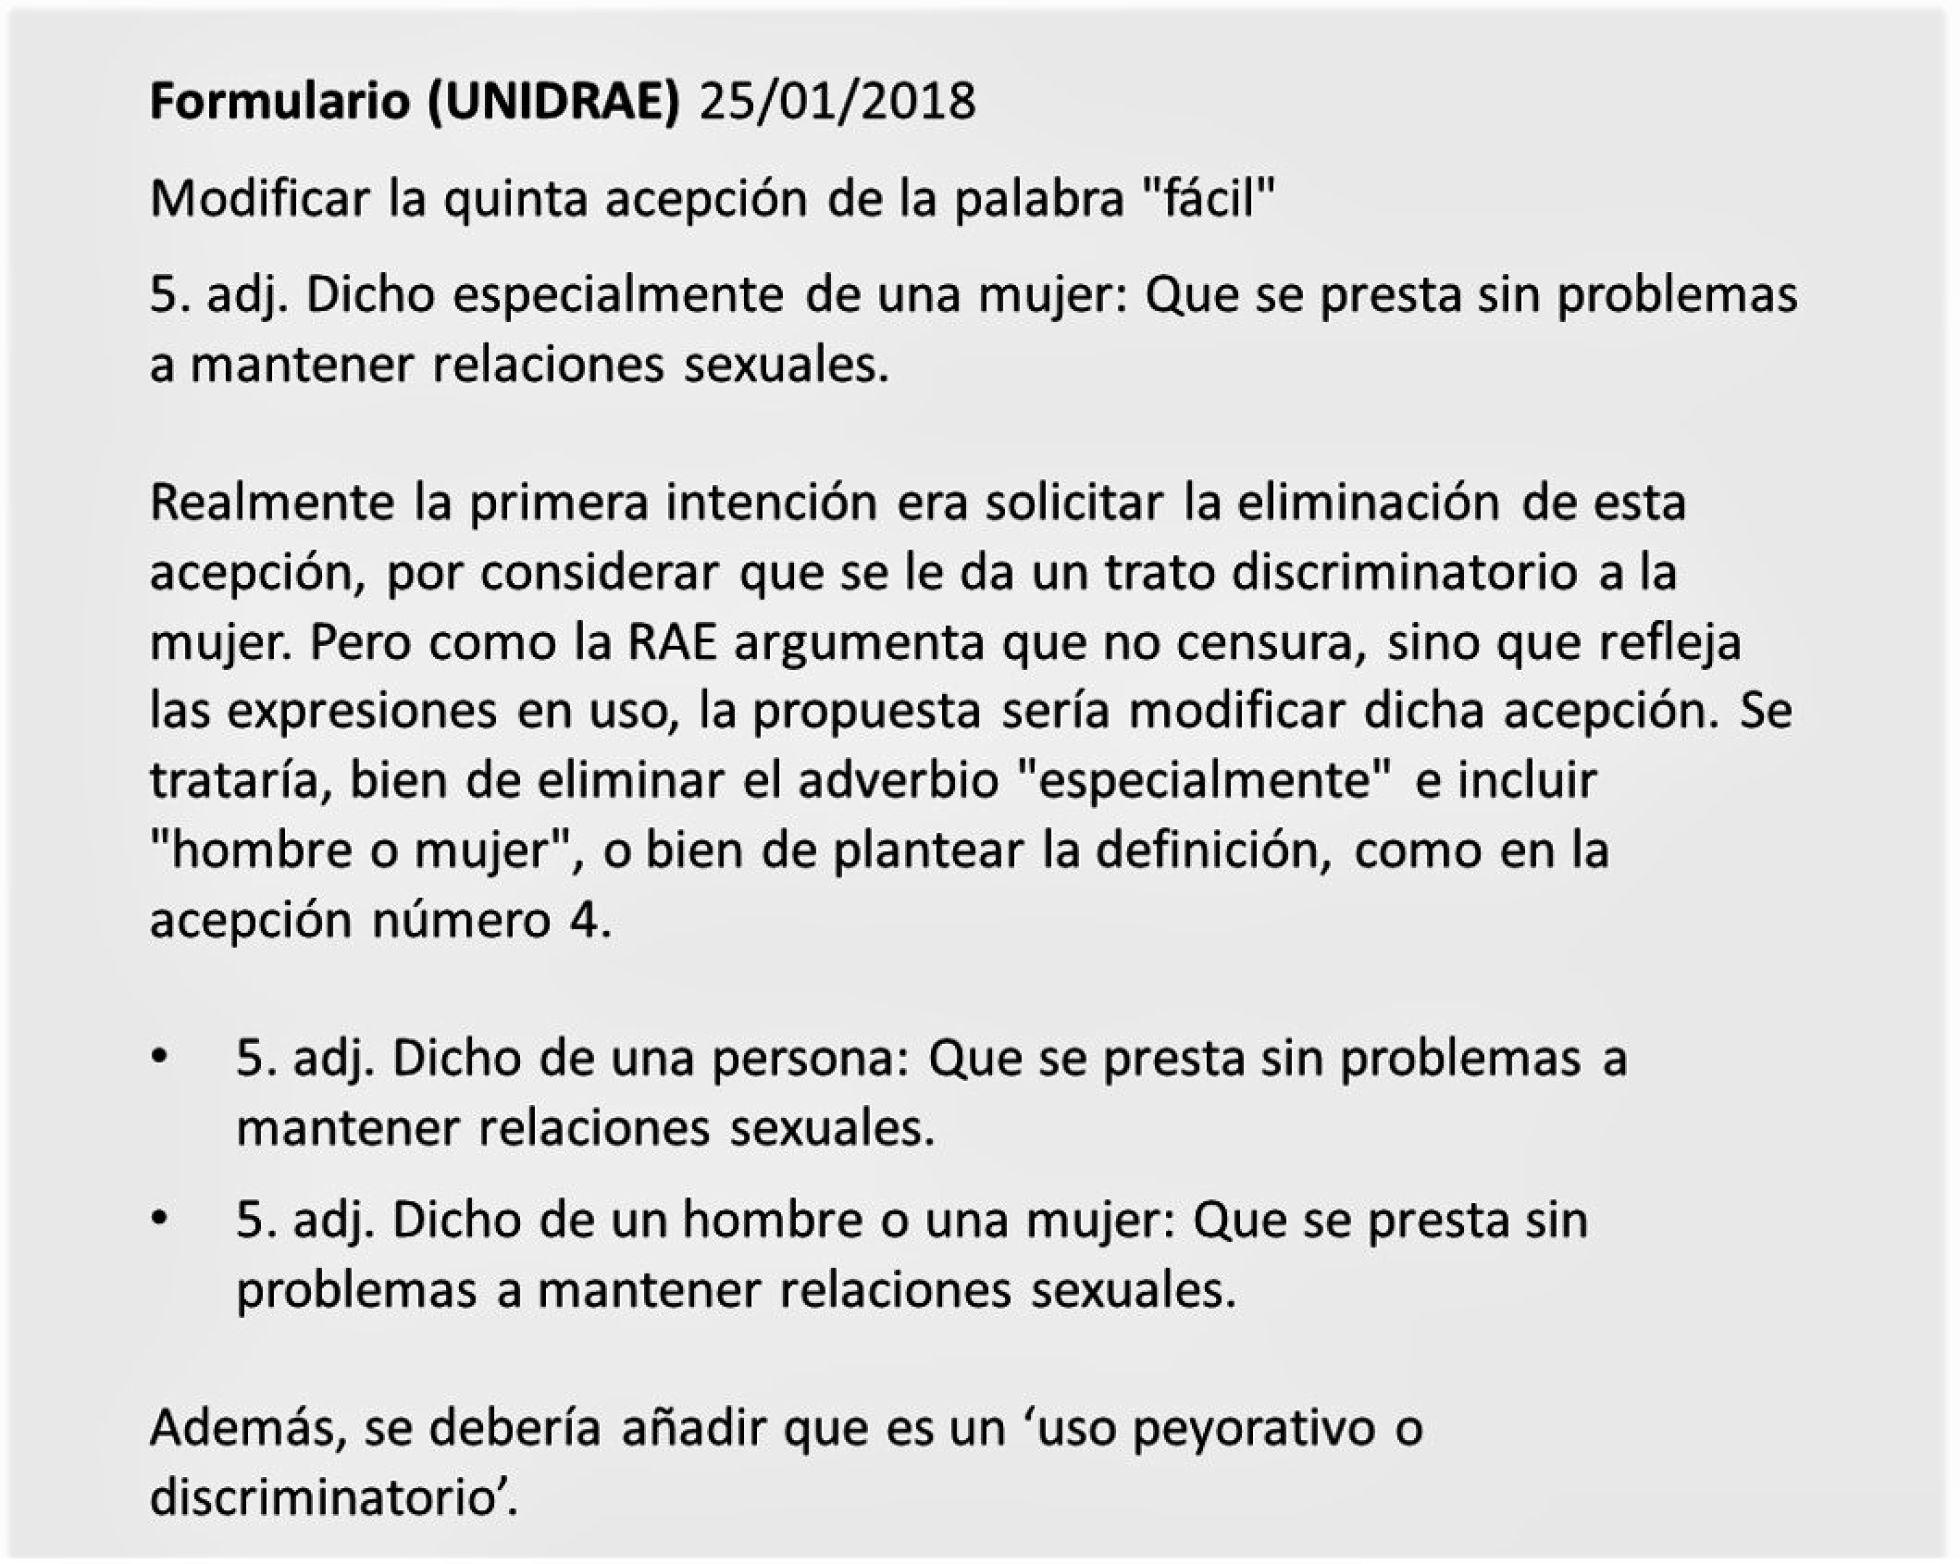 El mismo jueves 25 de enero elaboraron y cumplimentaron el formulario que aparece en la web de 'La Unidad Interactiva del Diccionario'(UNIDRAE)